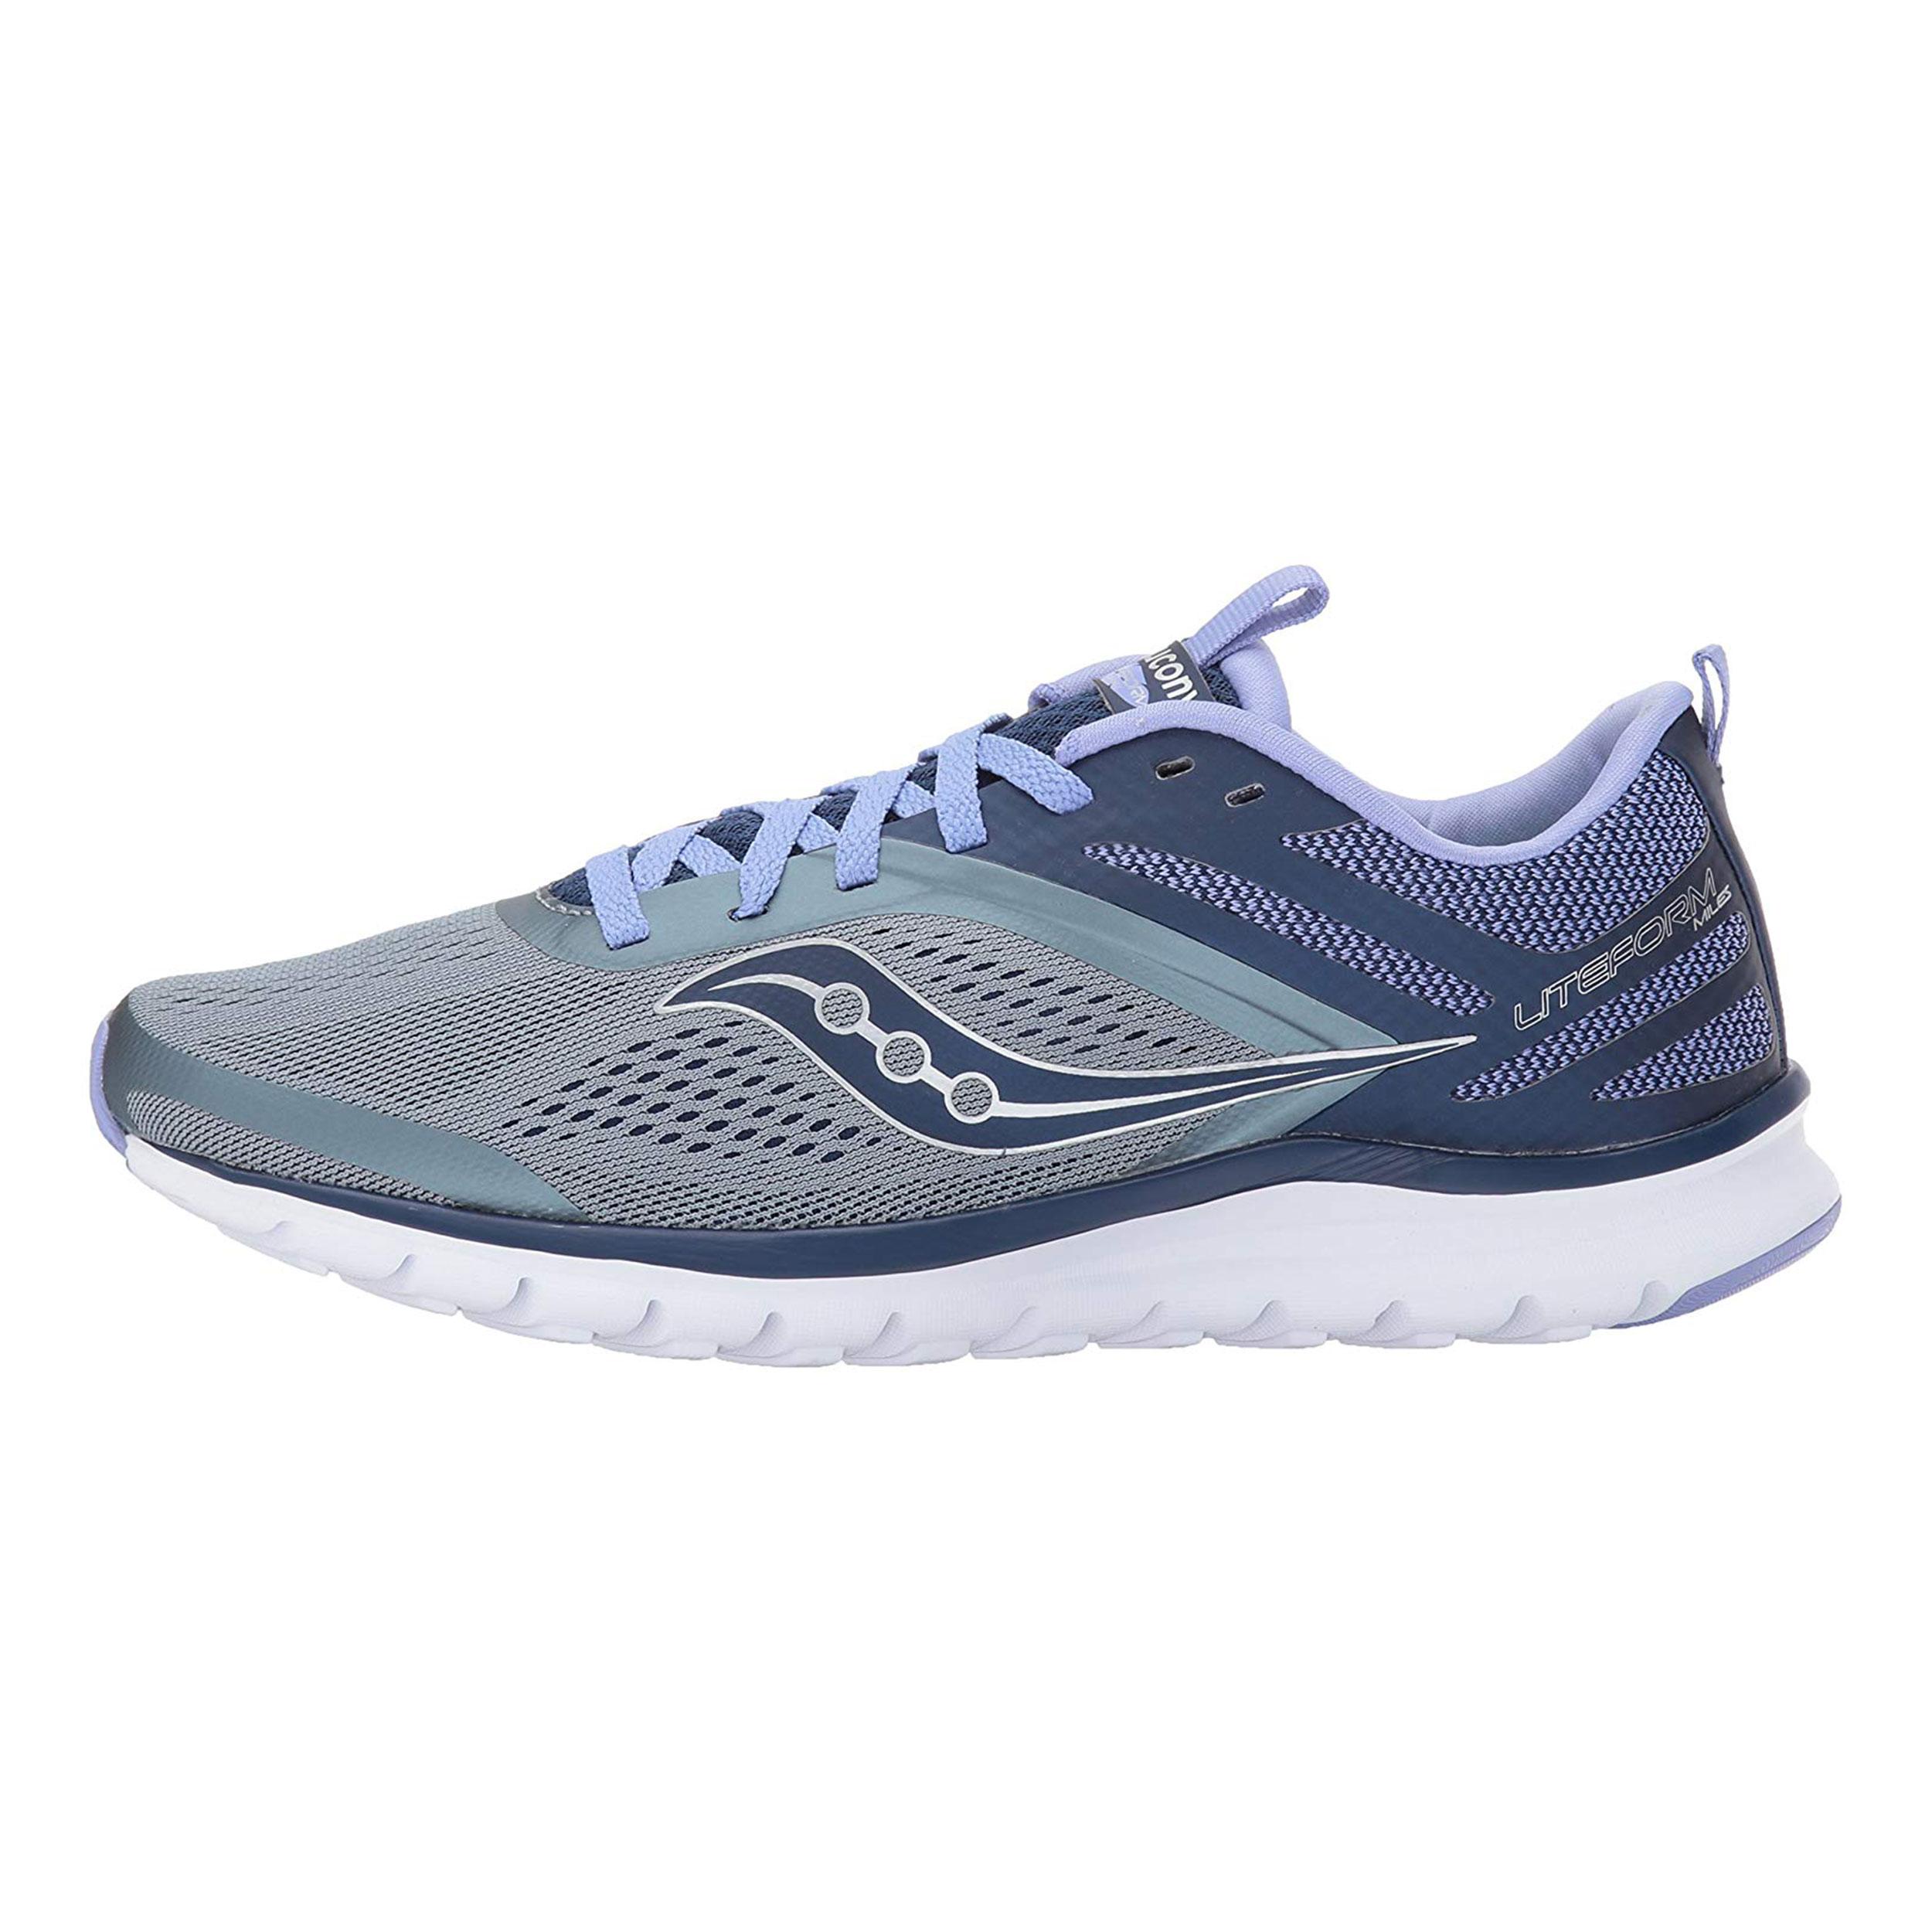 کفش مخصوص دویدن مردانه ساکنی مدل Liteform miles